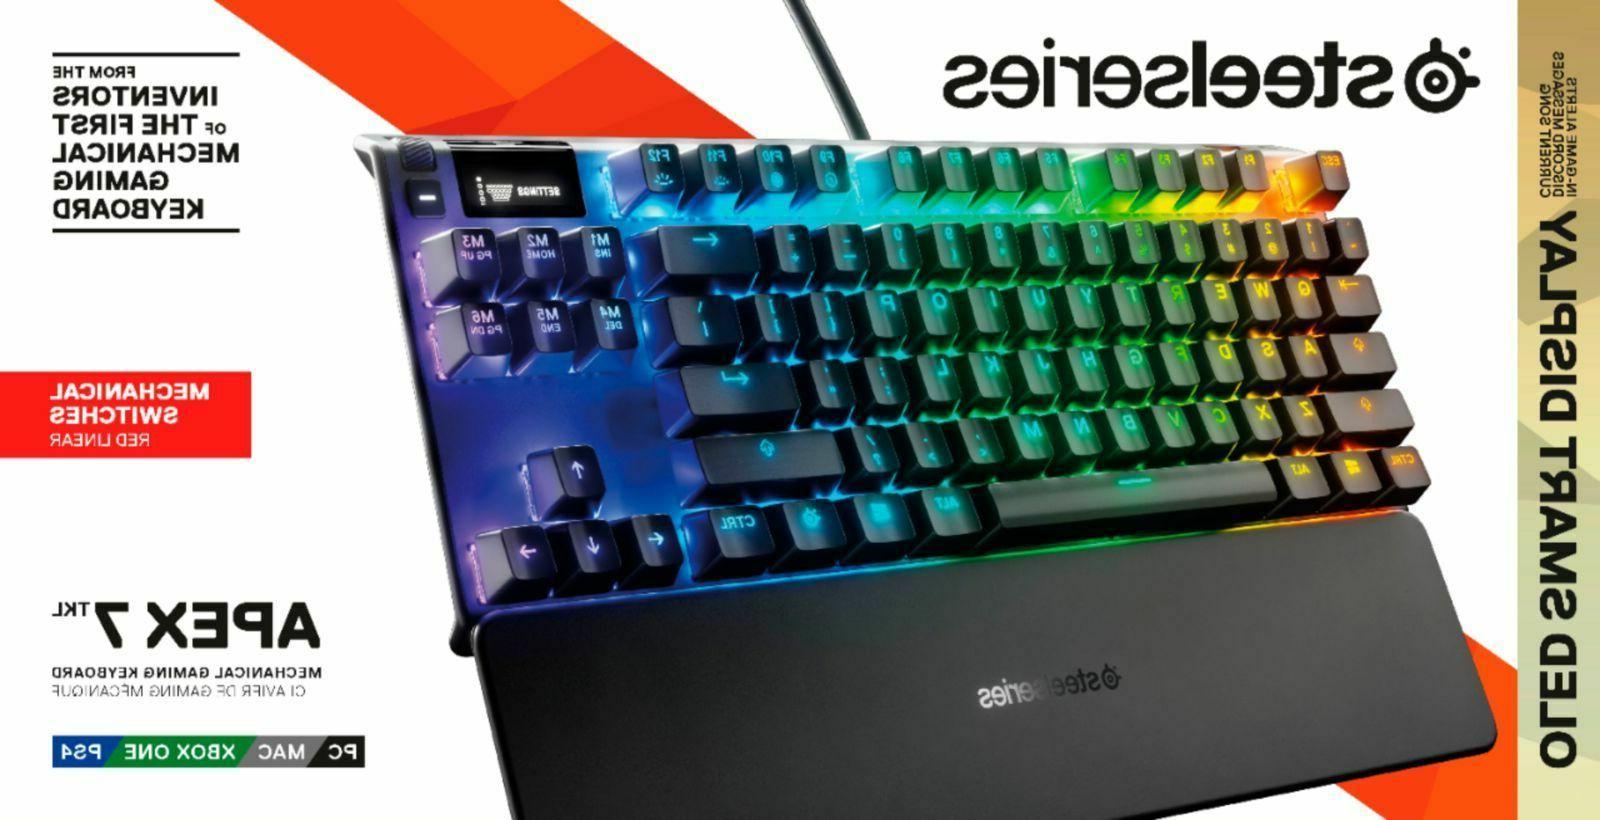 SteelSeries - Apex Red Keyboard New